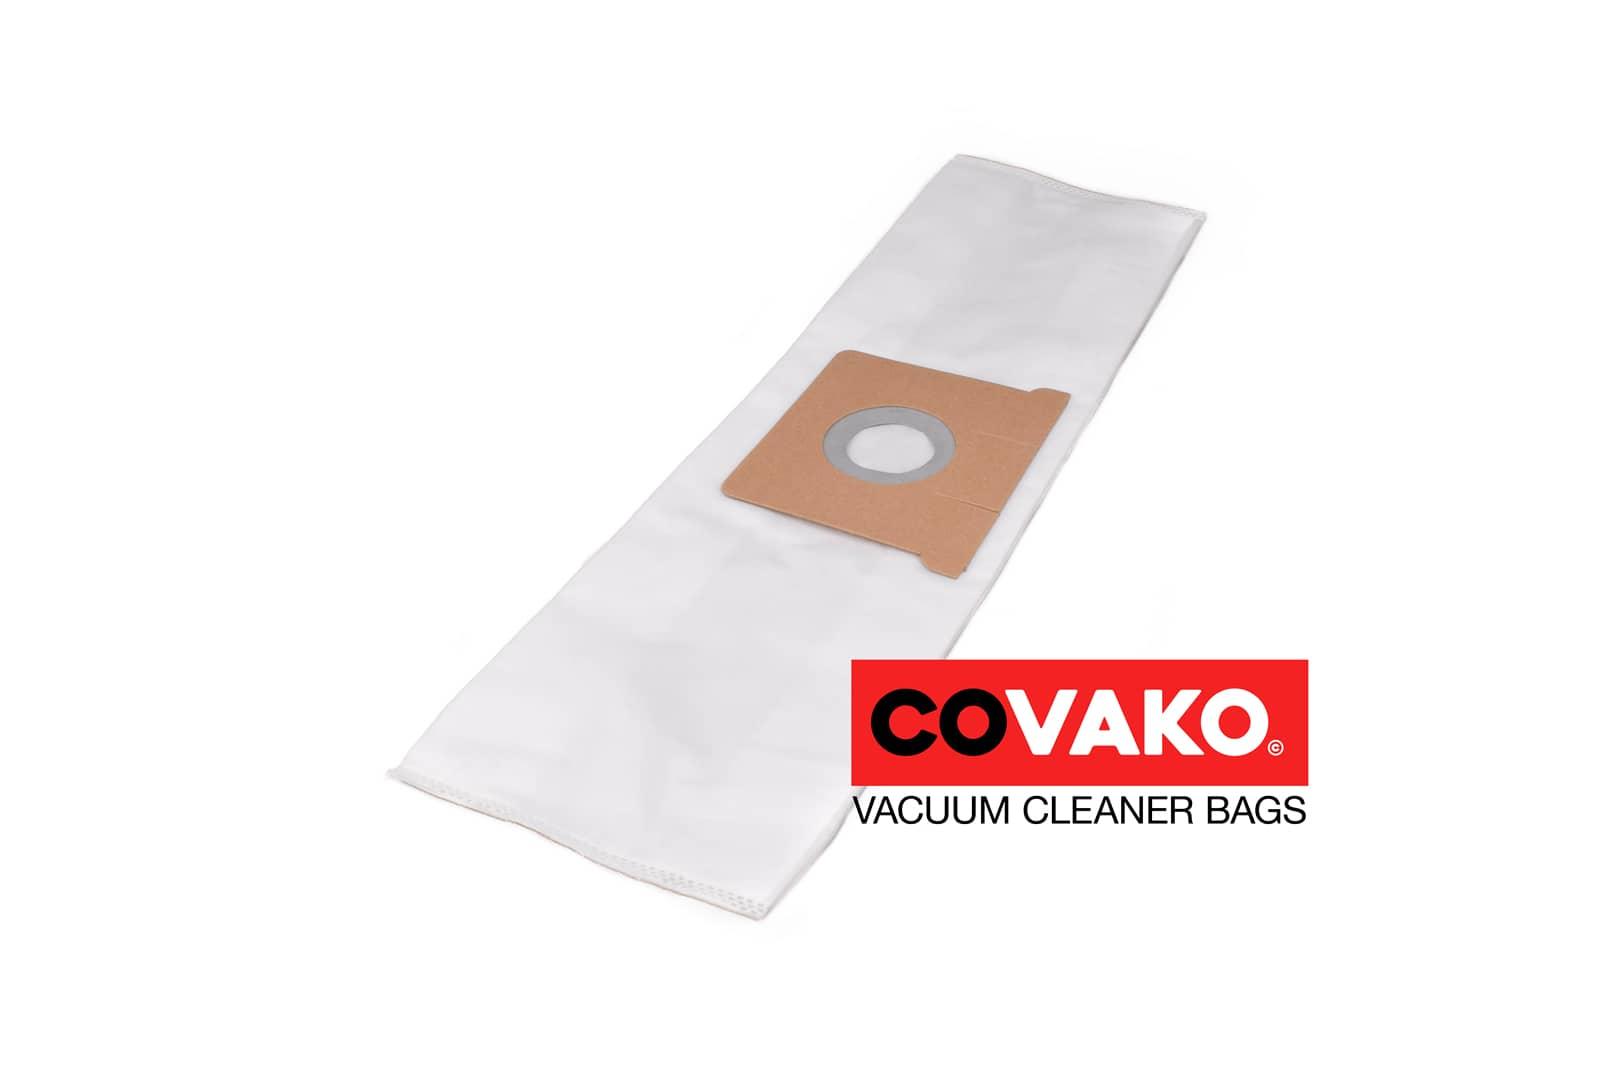 Gansow YP 1300/9 / Synthétique - Gansow sacs d'aspirateur